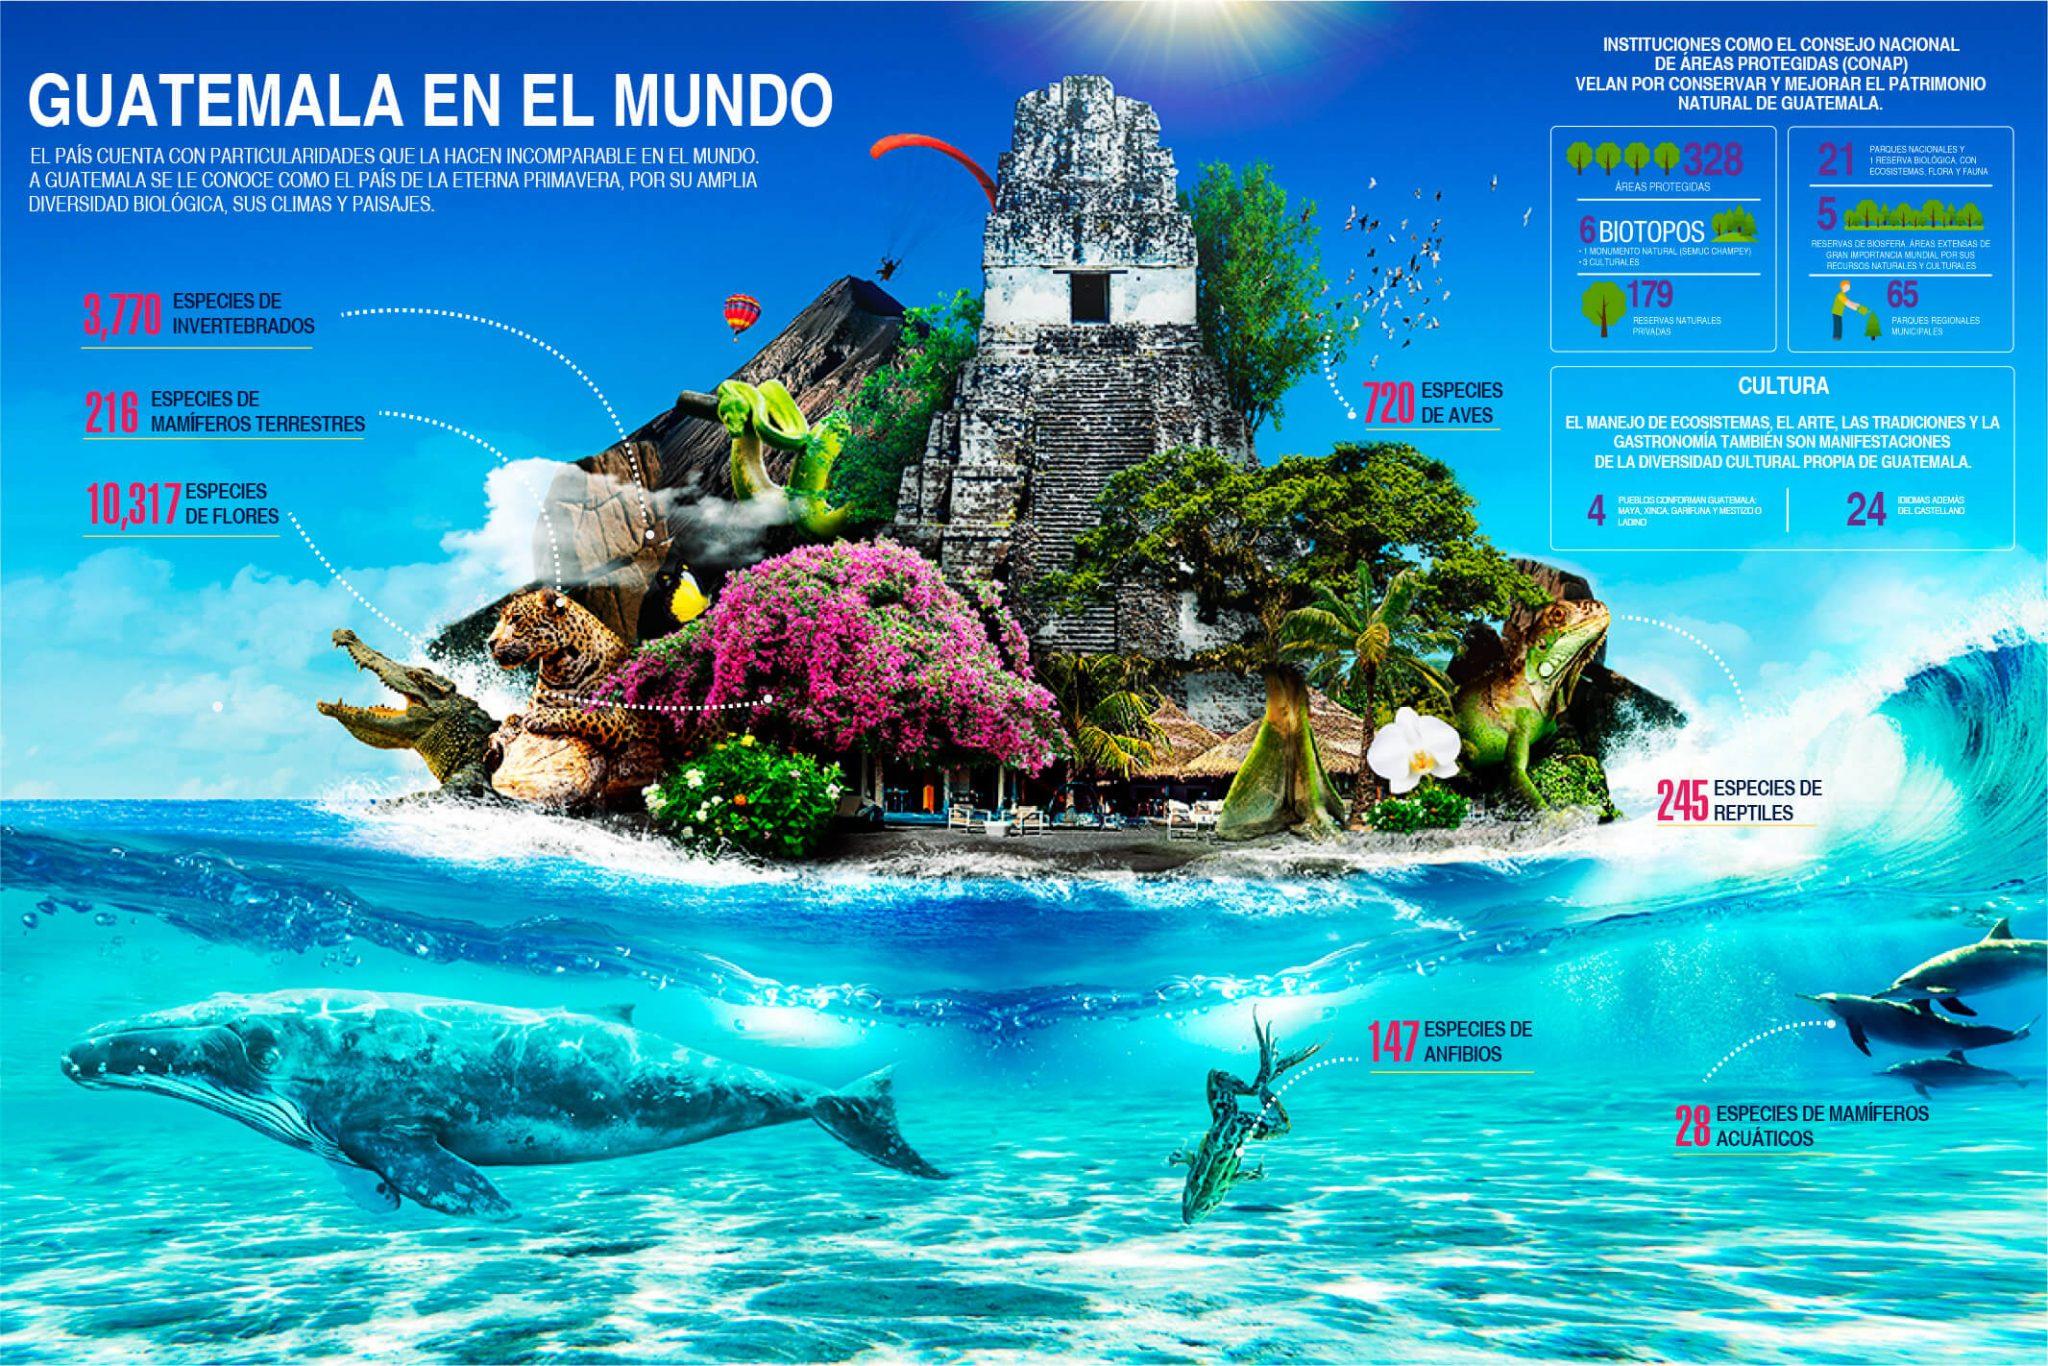 guatemala en el mundo